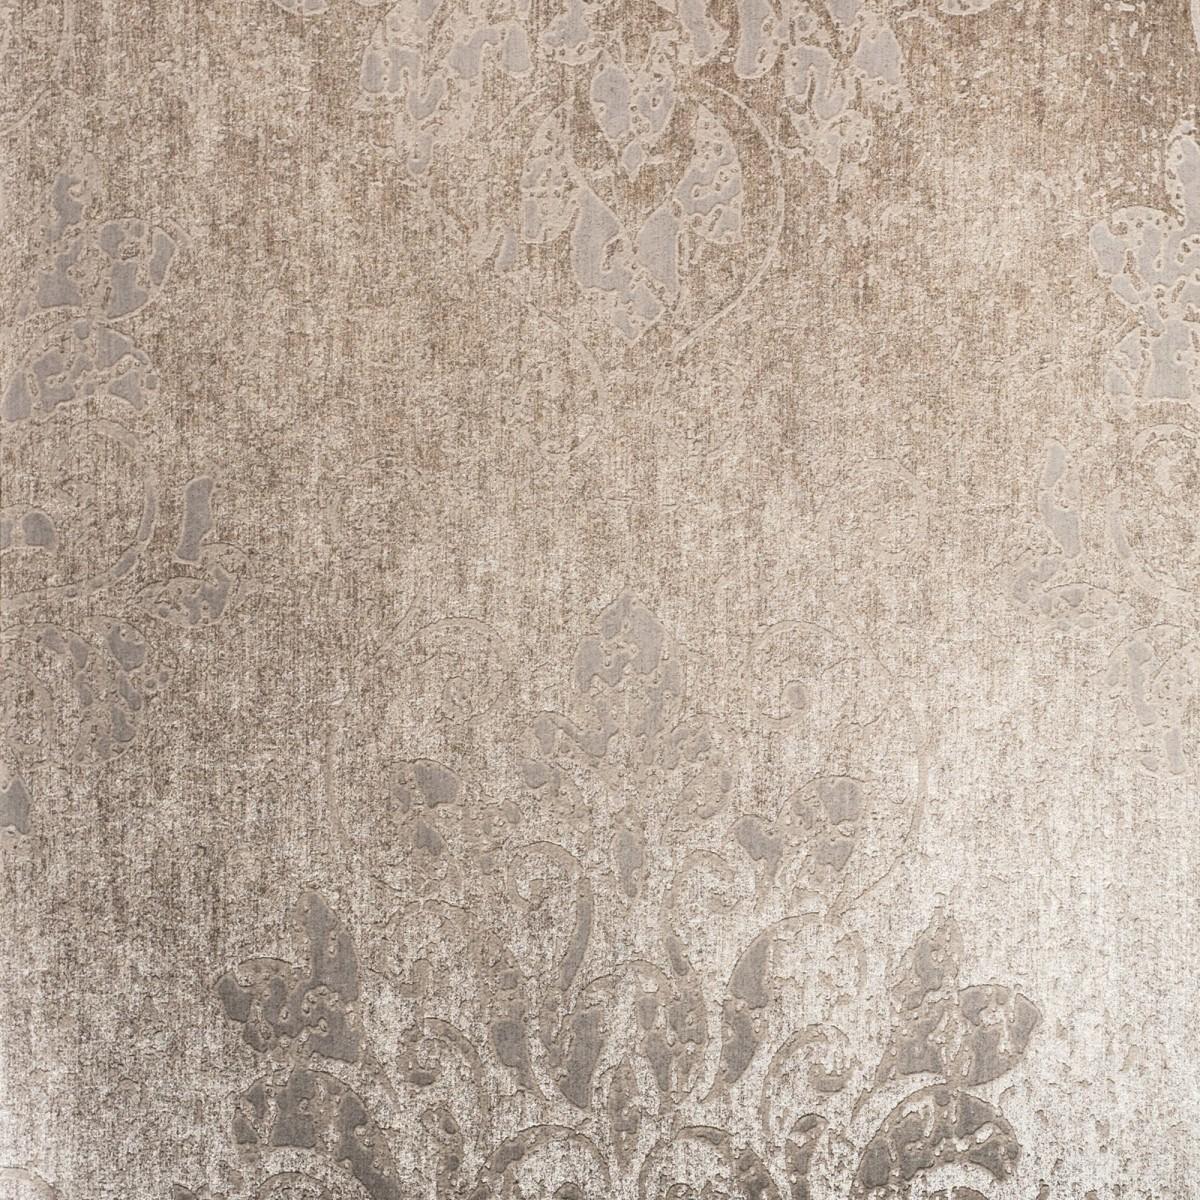 Обои флизелиновые Prospero Indigo серые 0.53 м 226217